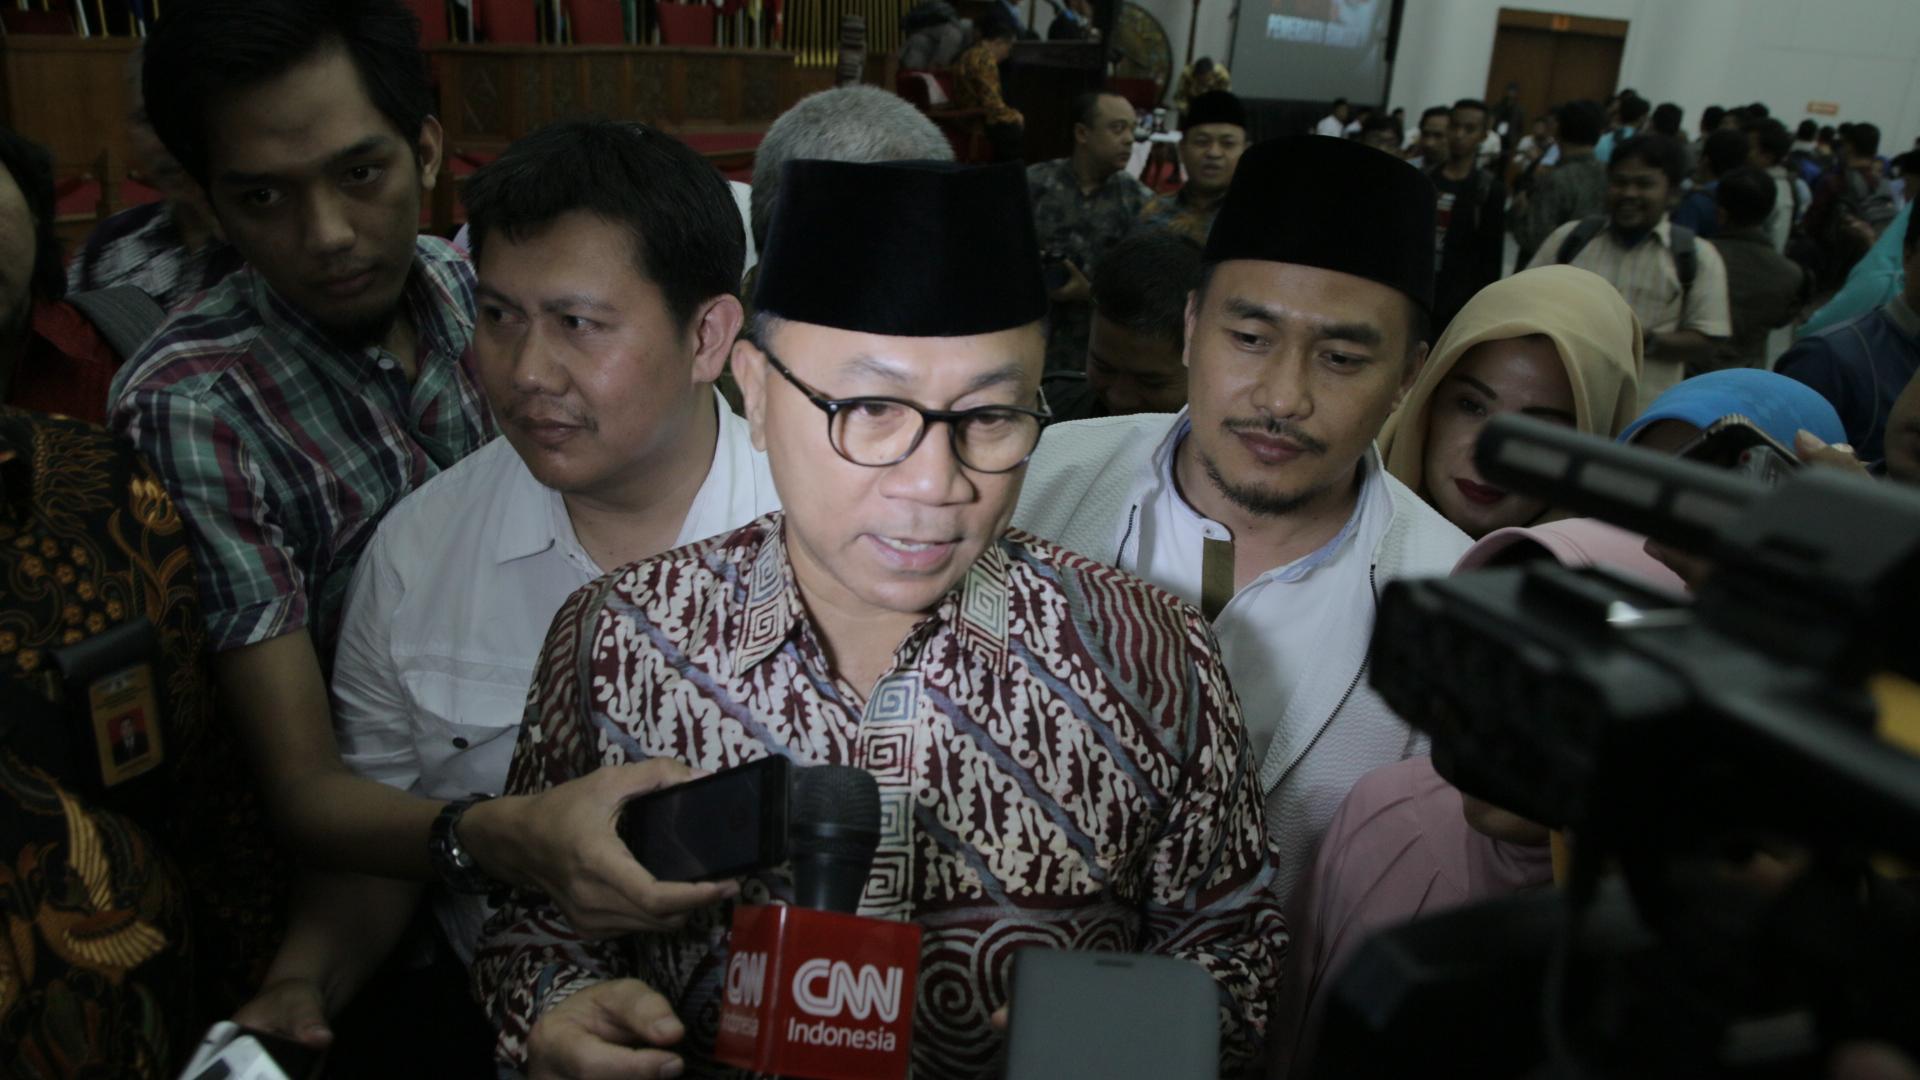 Zulhas Tersinggung Ketika Dikritik Saat Menjadi Menteri Kehutanan